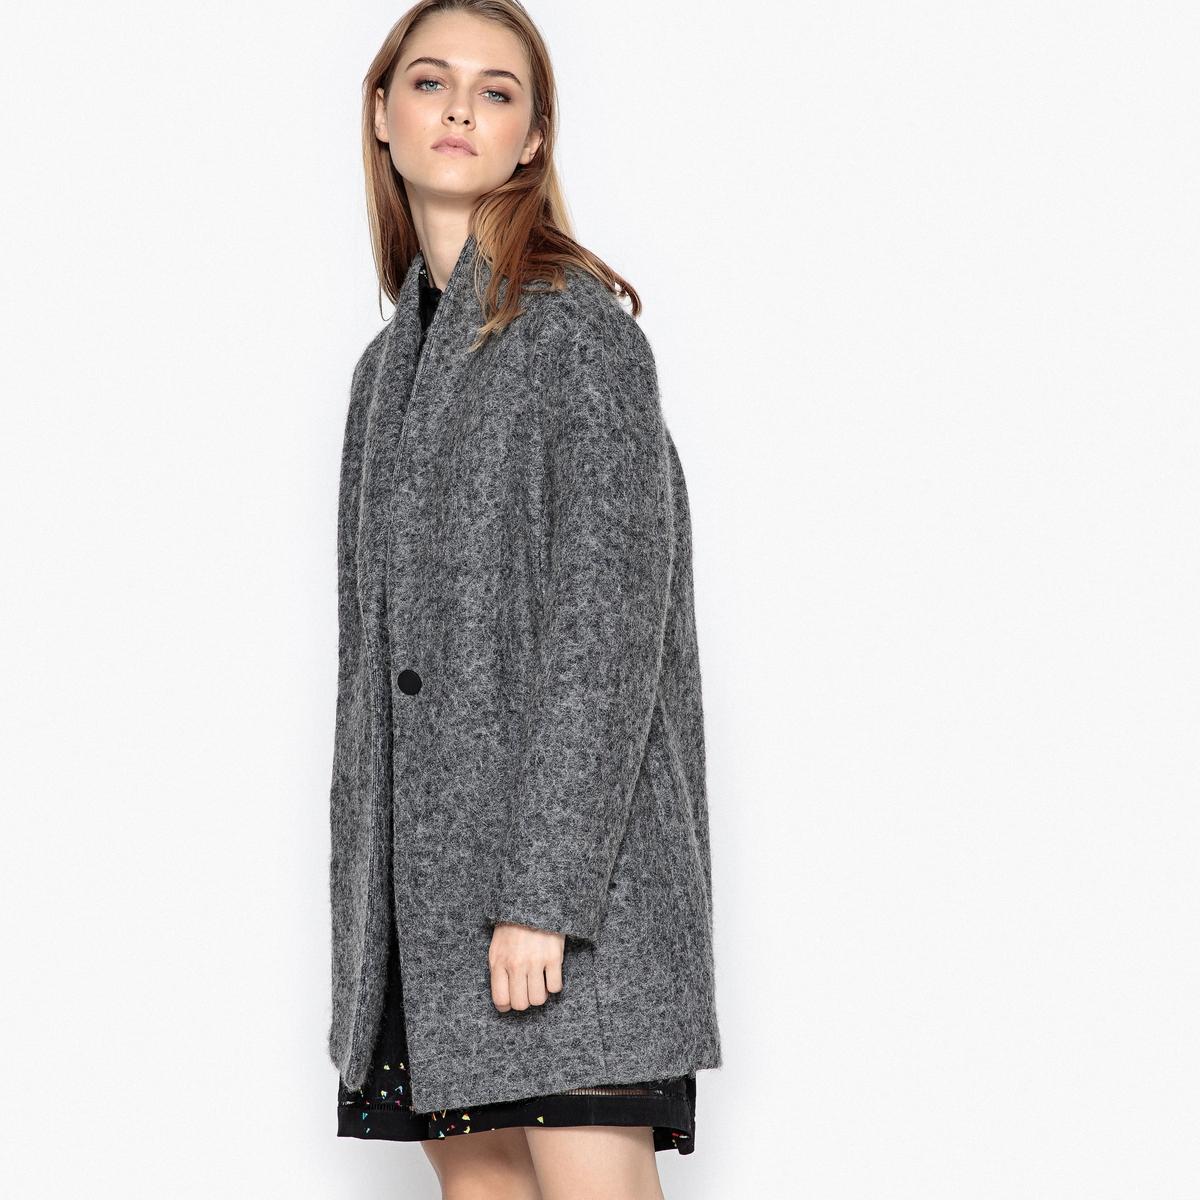 Пальто средней длины 30% шерсти пальто драповое 30% шерсти